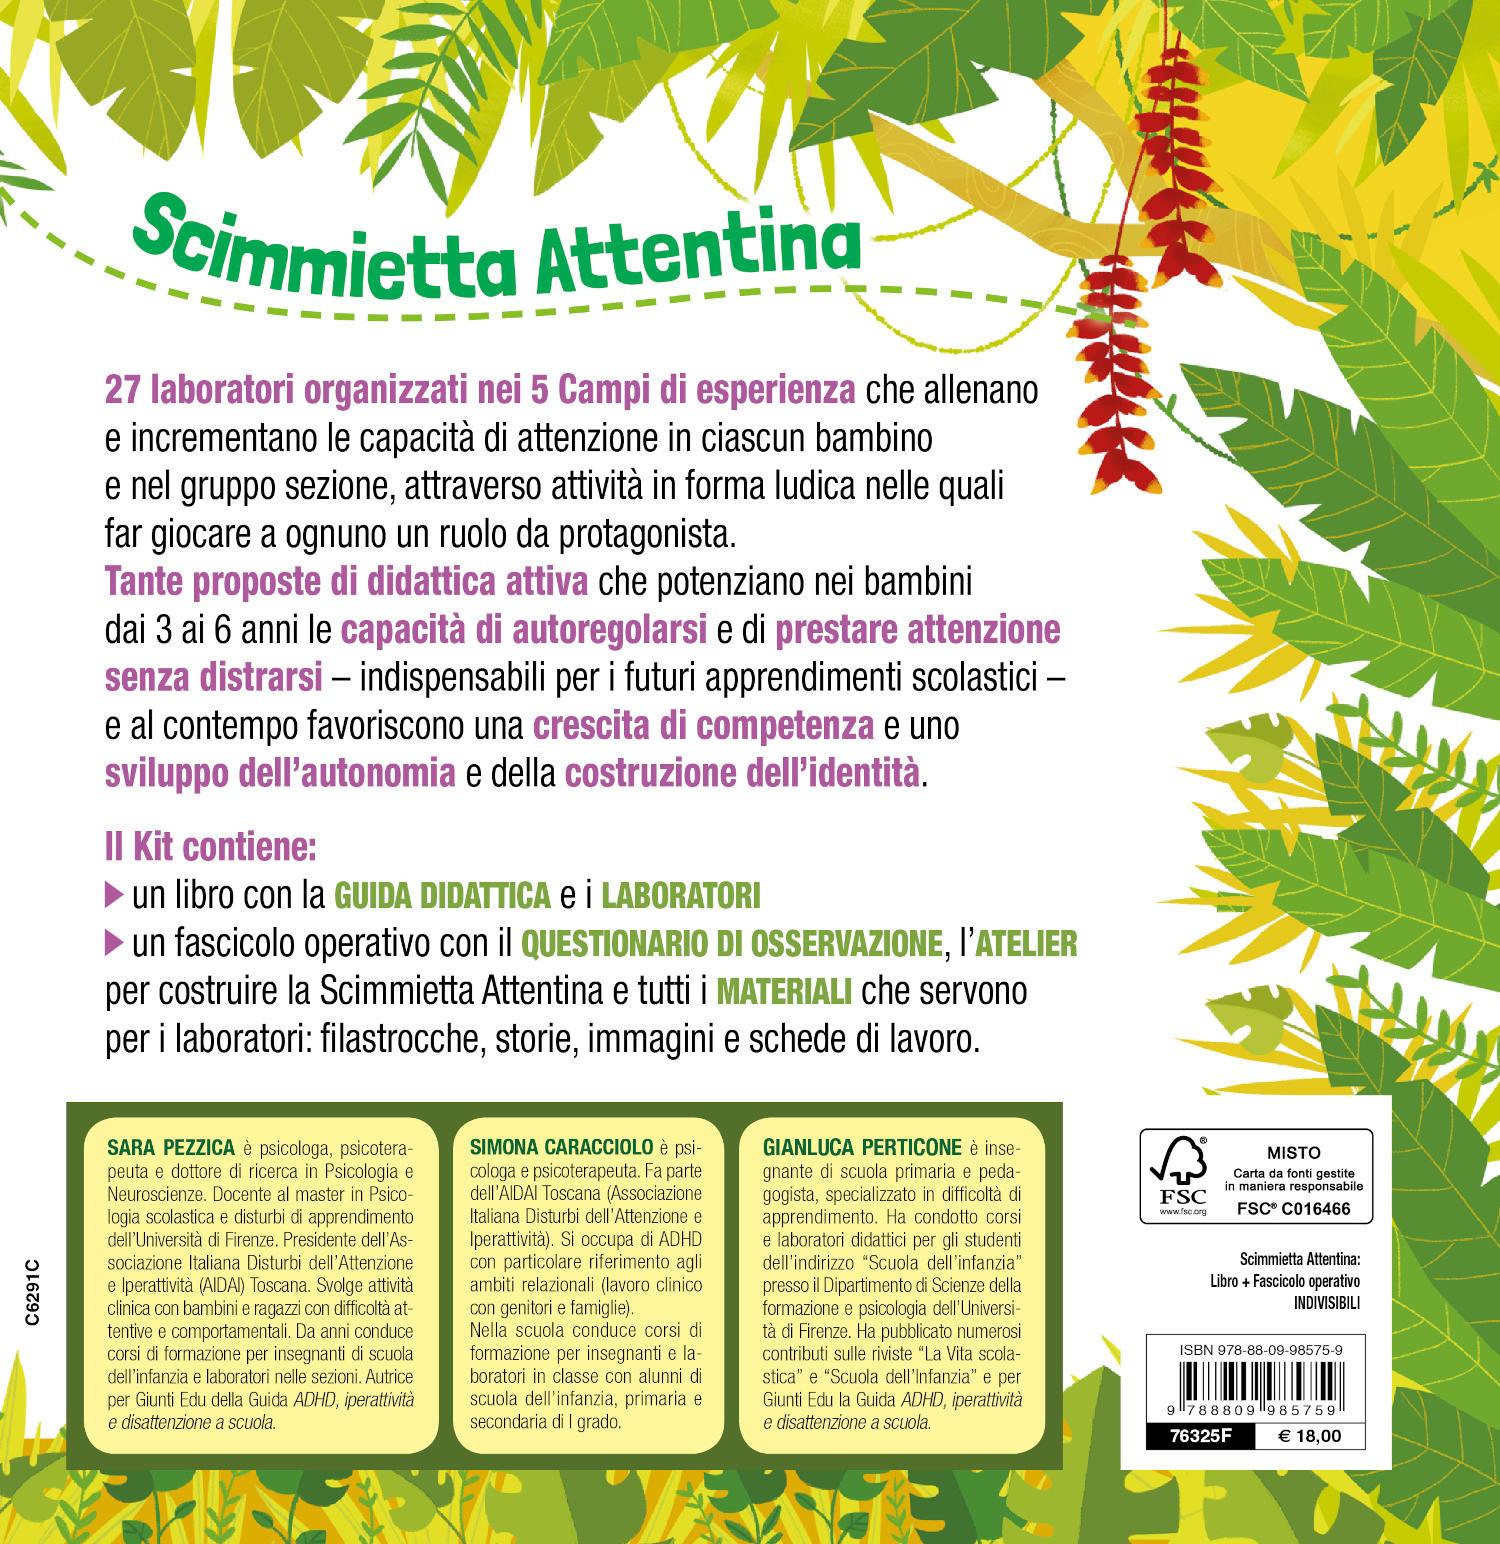 Scimmietta Attentina Kit